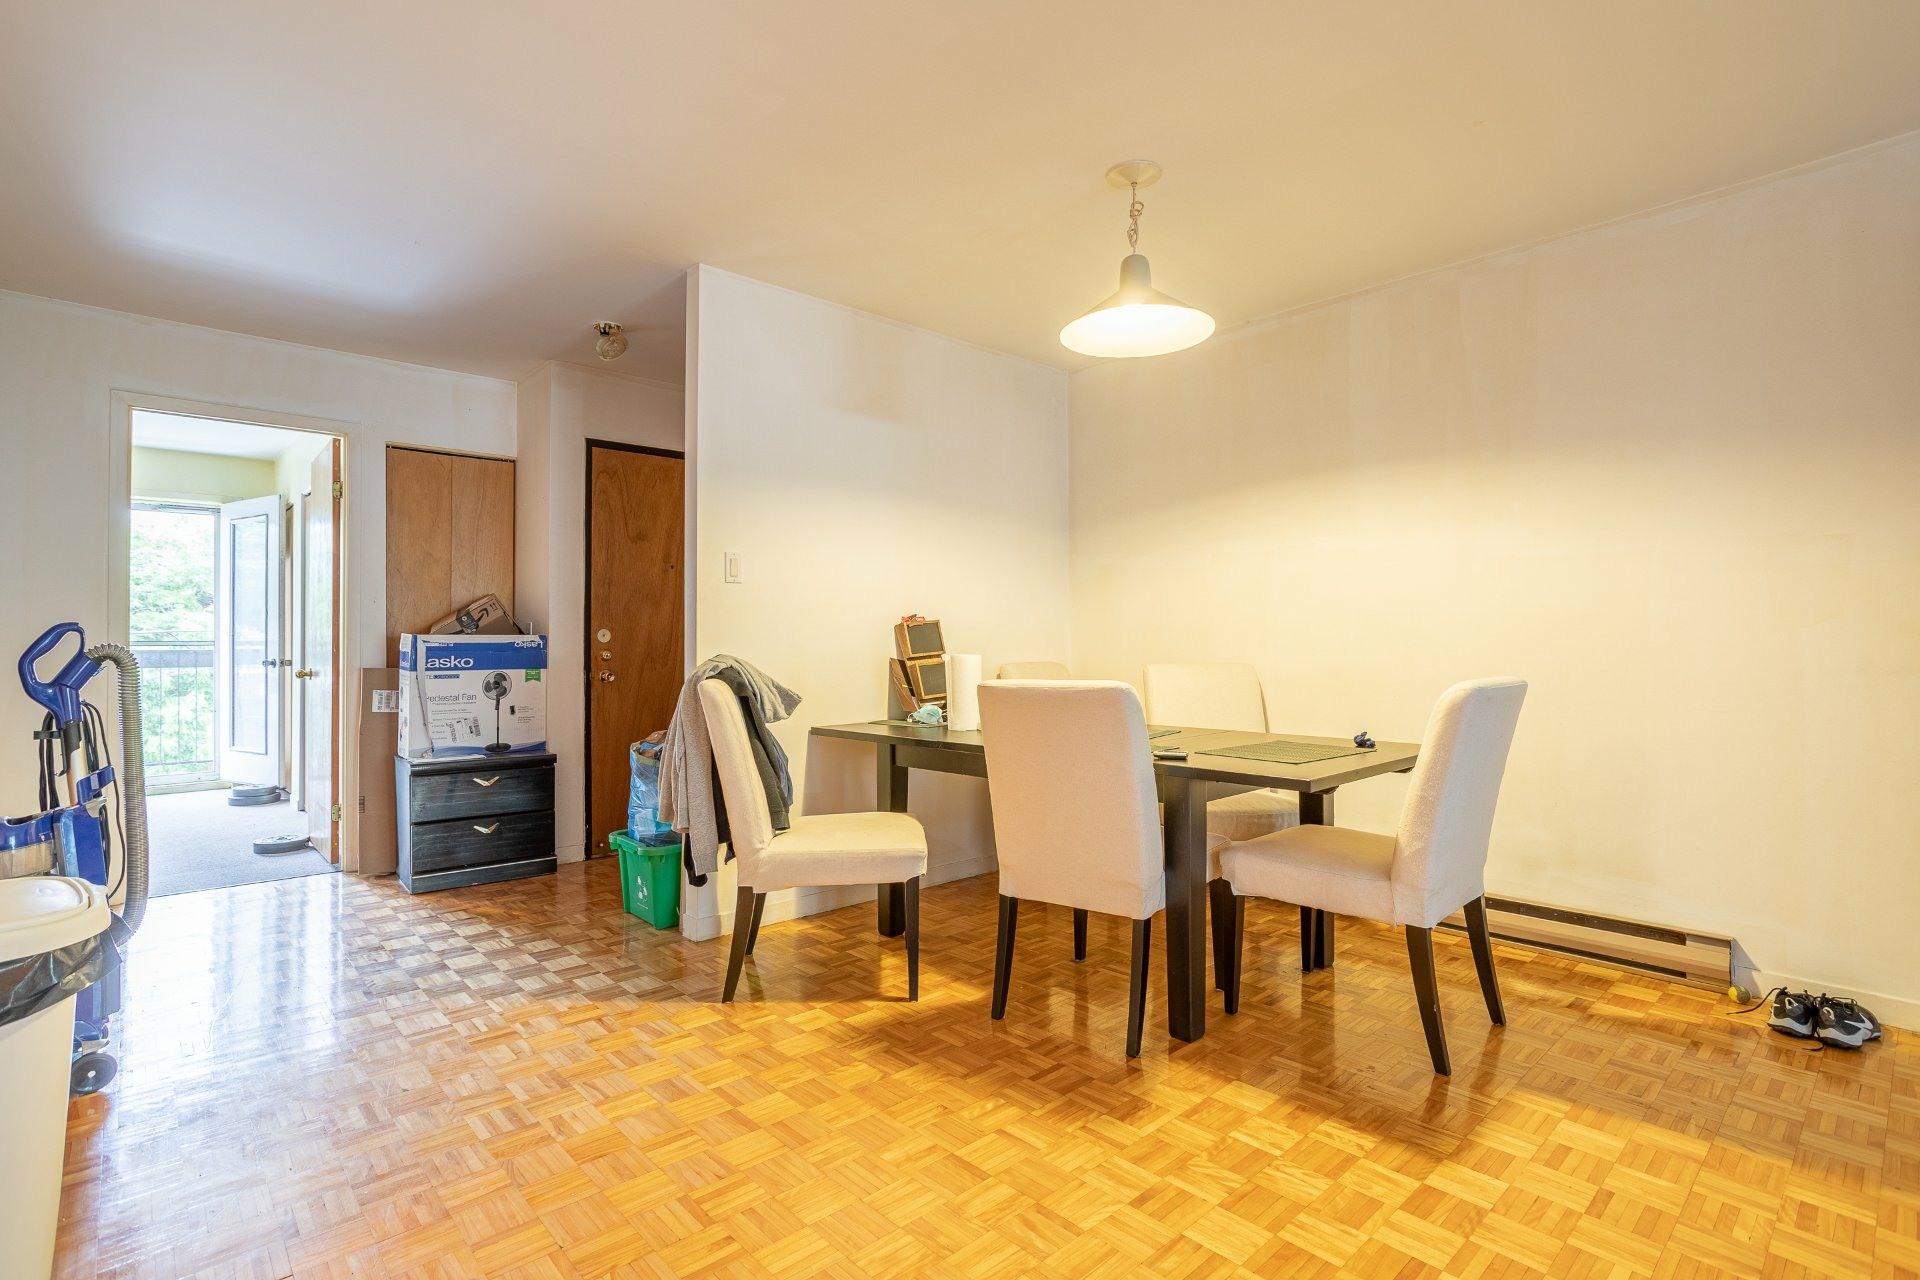 image 22 - Quadruplex For sale Mercier/Hochelaga-Maisonneuve Montréal  - 4 rooms